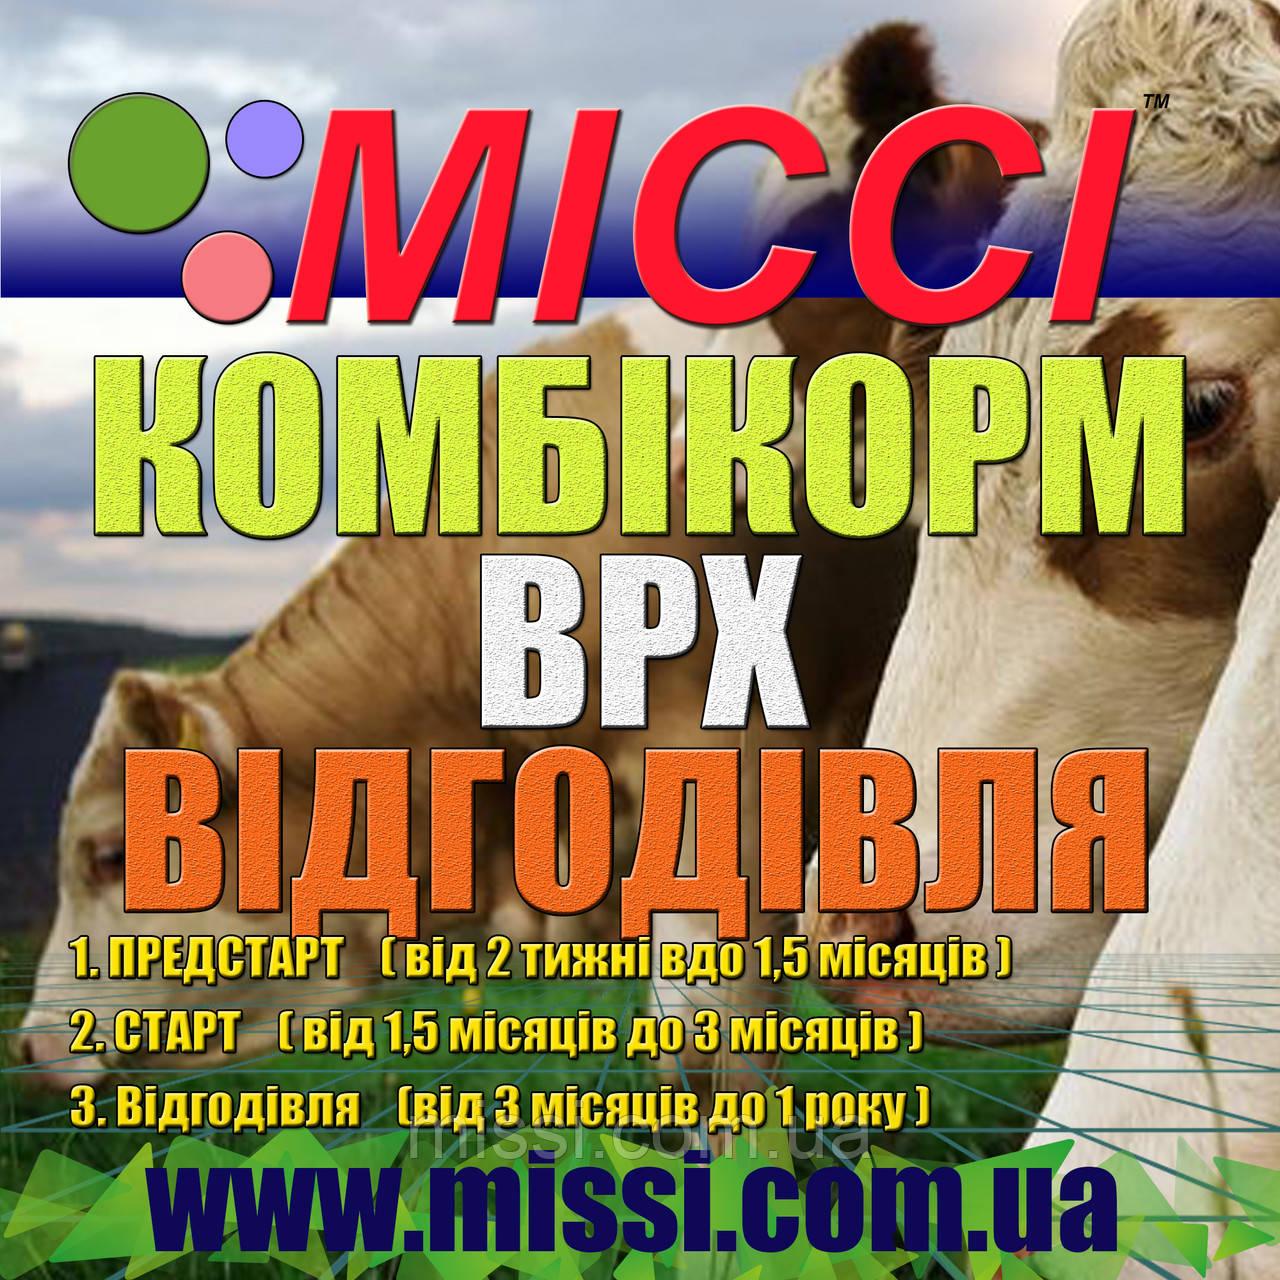 Комбікорм ВРХ Відгодівля ПОВНОРАЦІОННИЙ (гранула) МІссі